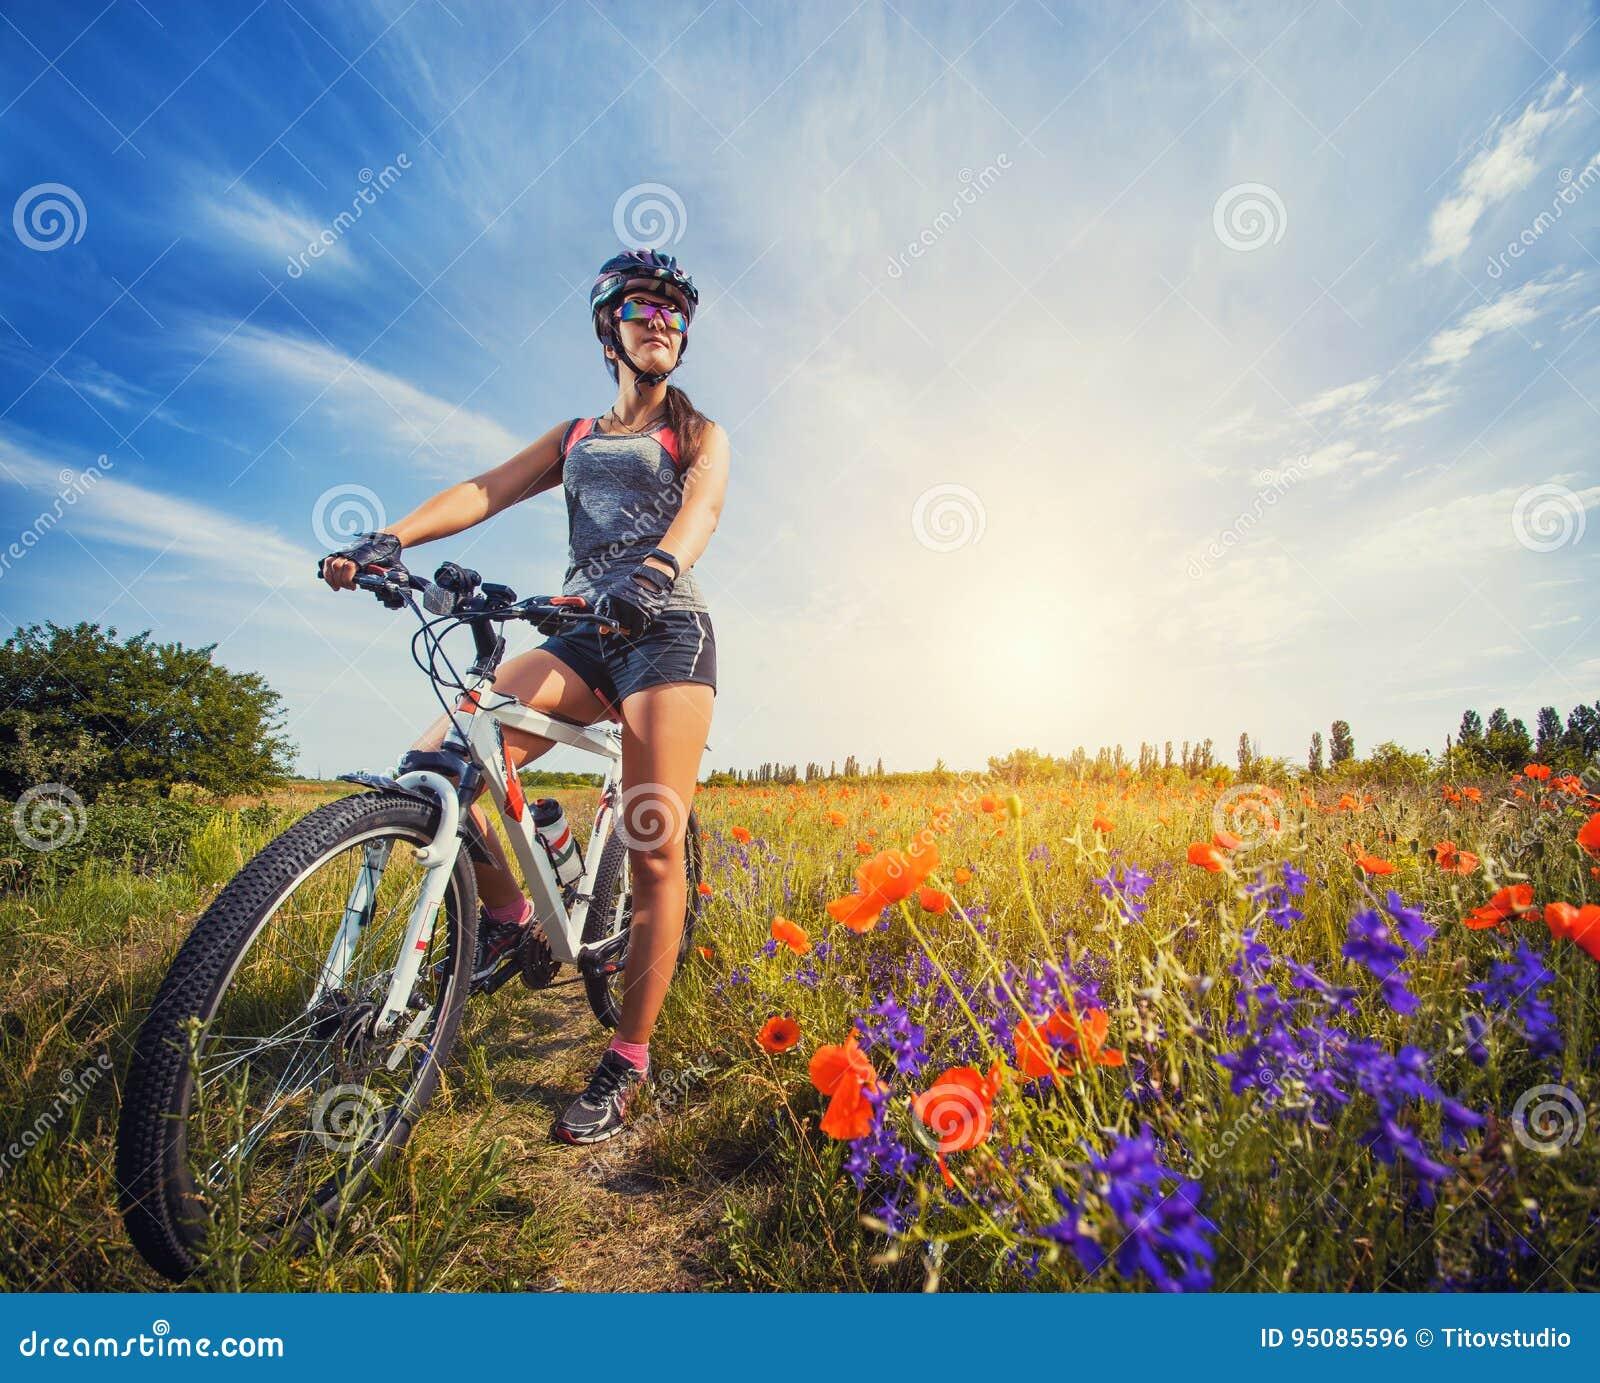 骑自行车的少妇在一个开花的鸦片草甸